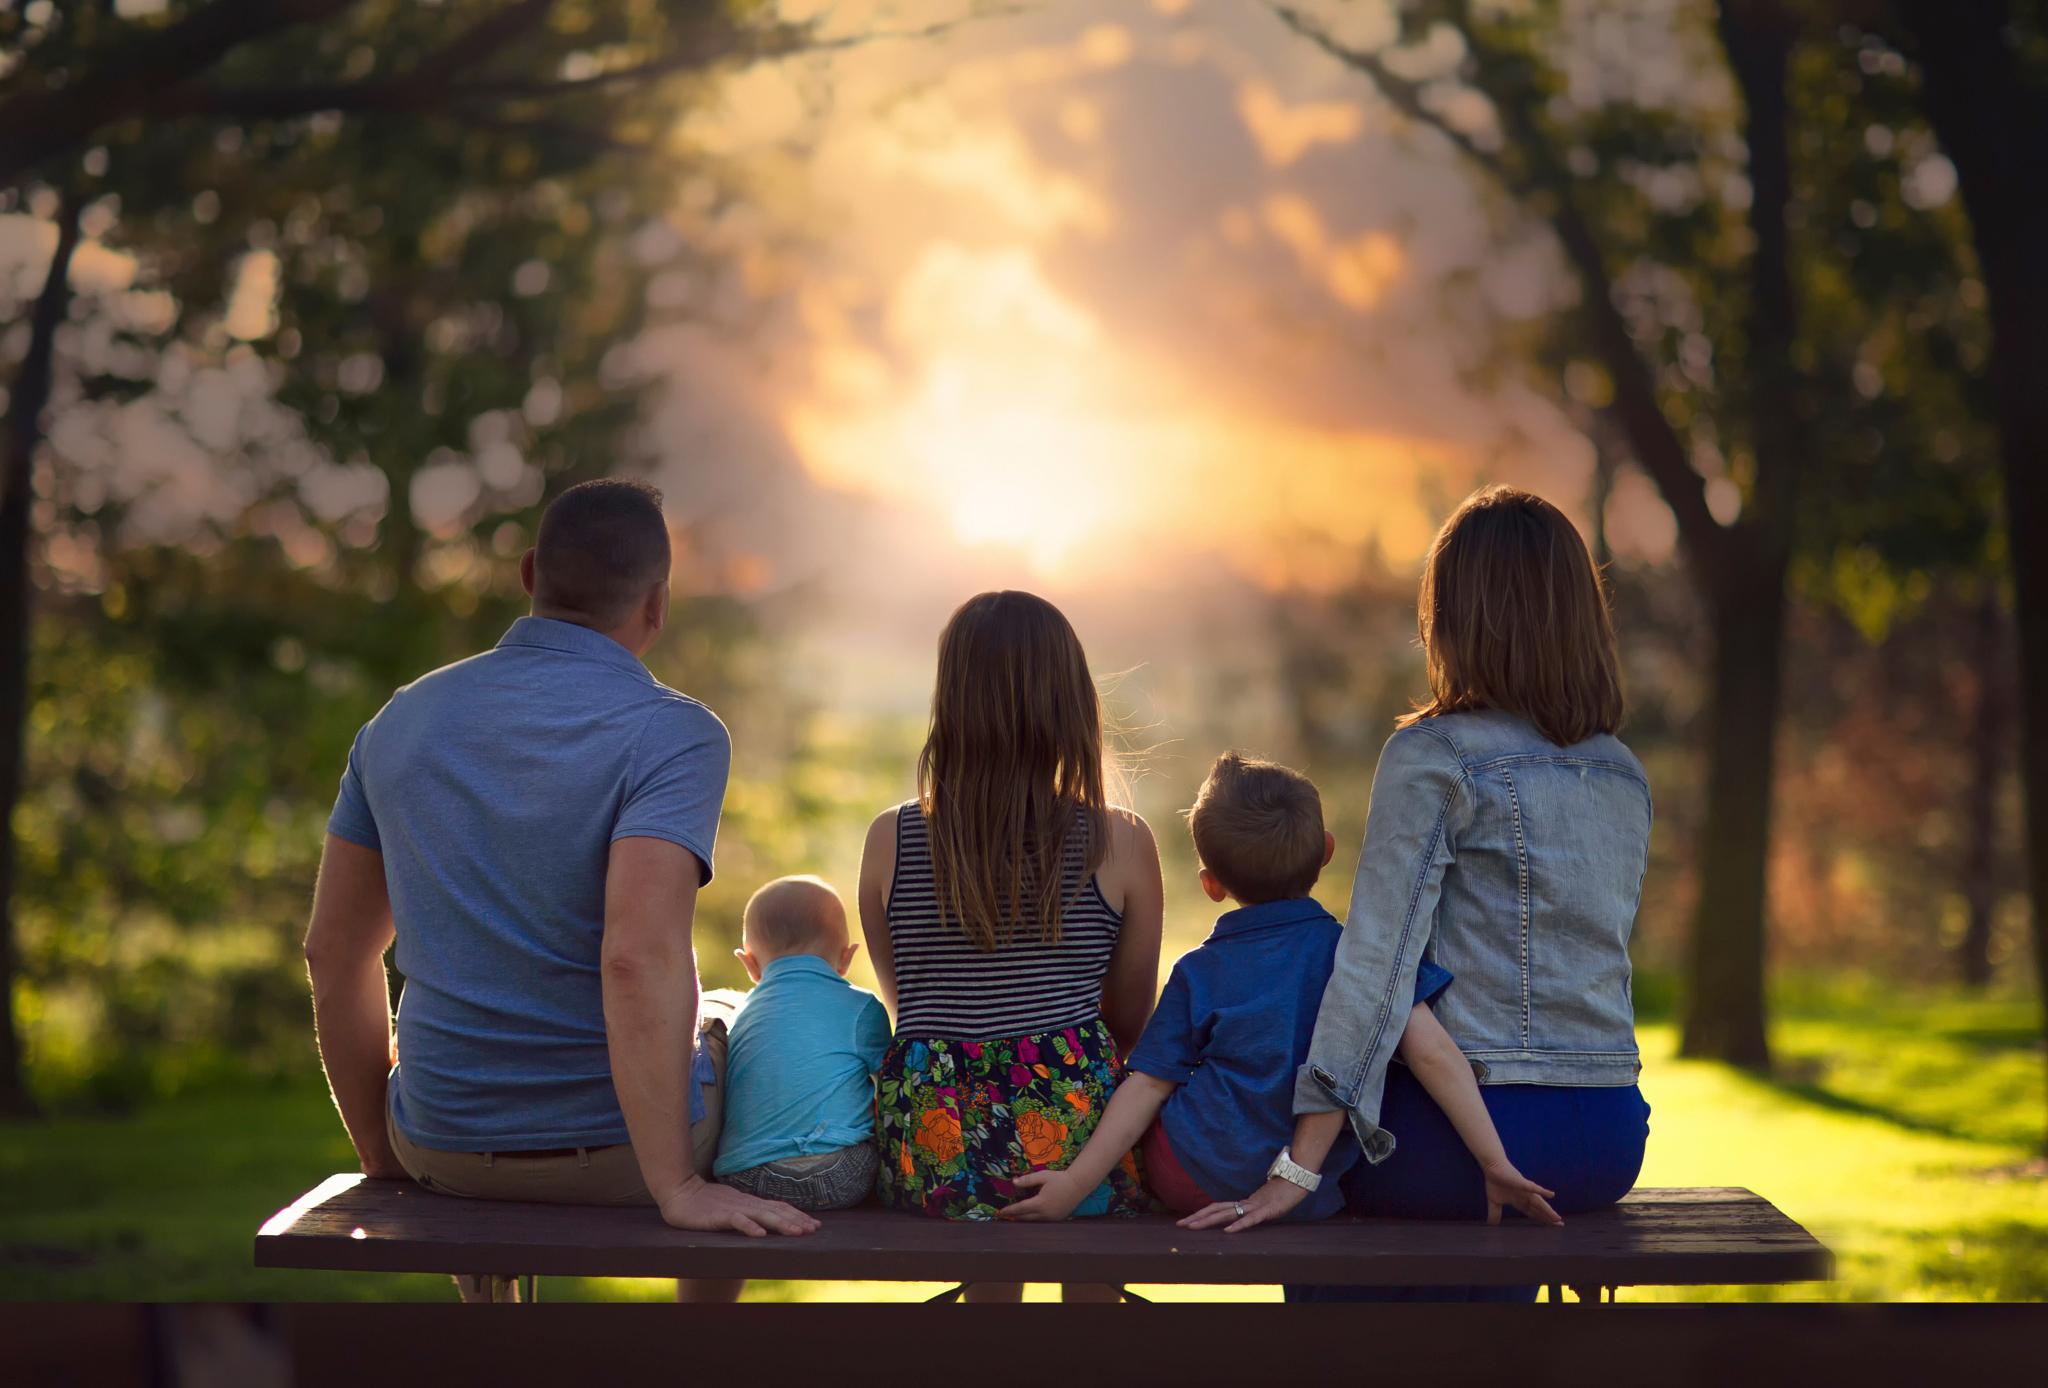 смесь красивые фото семьи с детьми со спины садик наш, гнёздышко